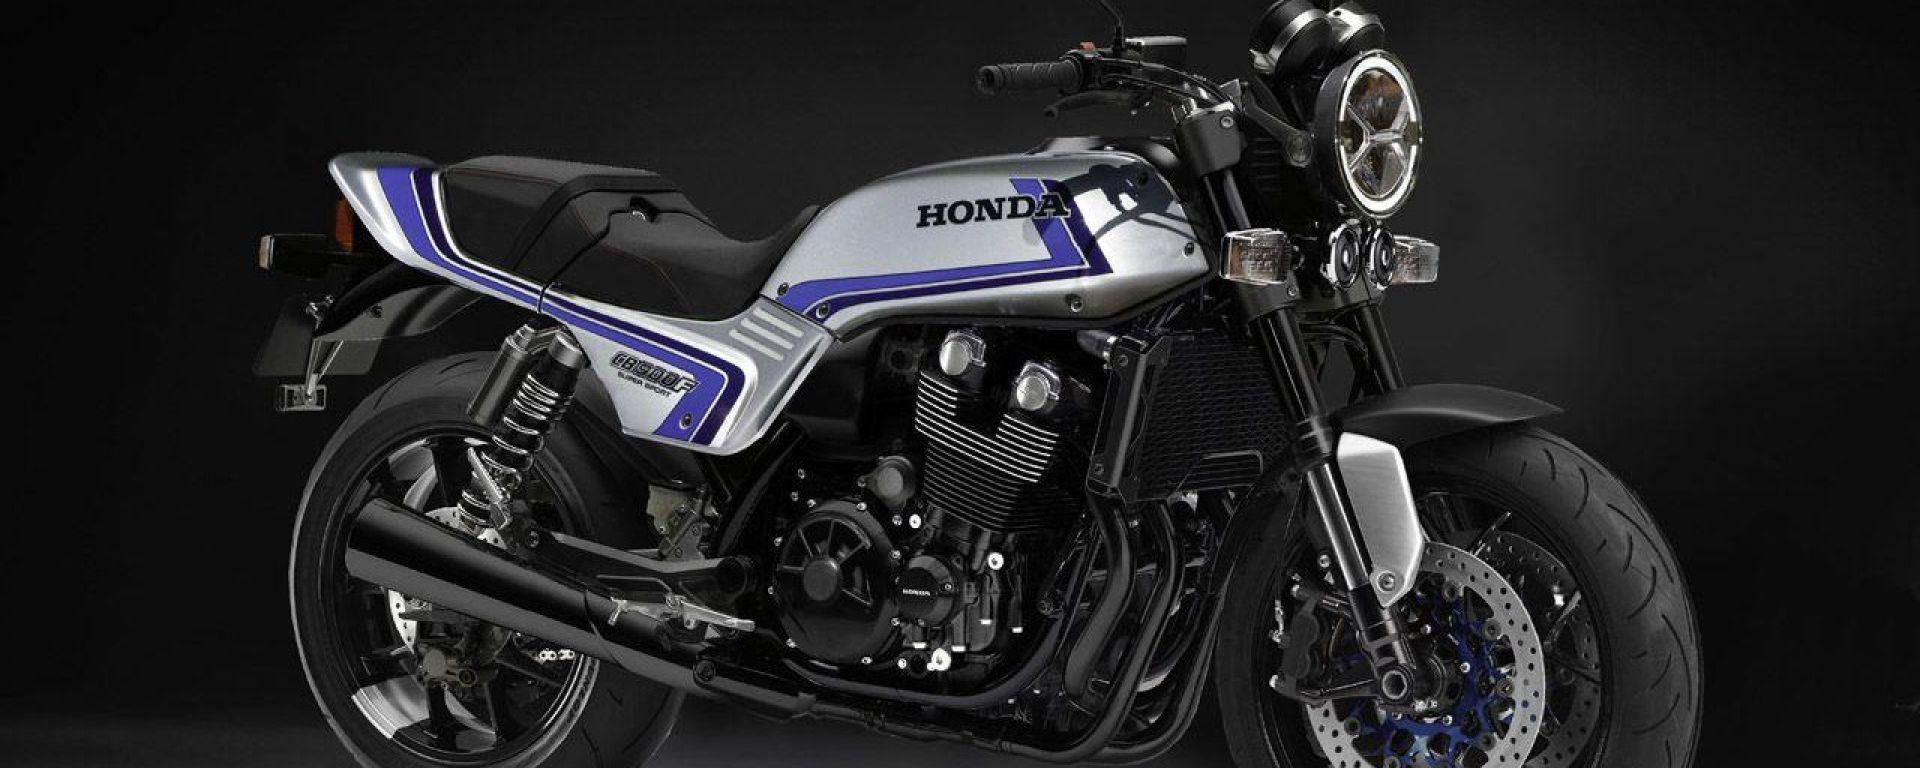 Il rendering della Honda CB 900 F per opera dei giapponesi di Young Machine